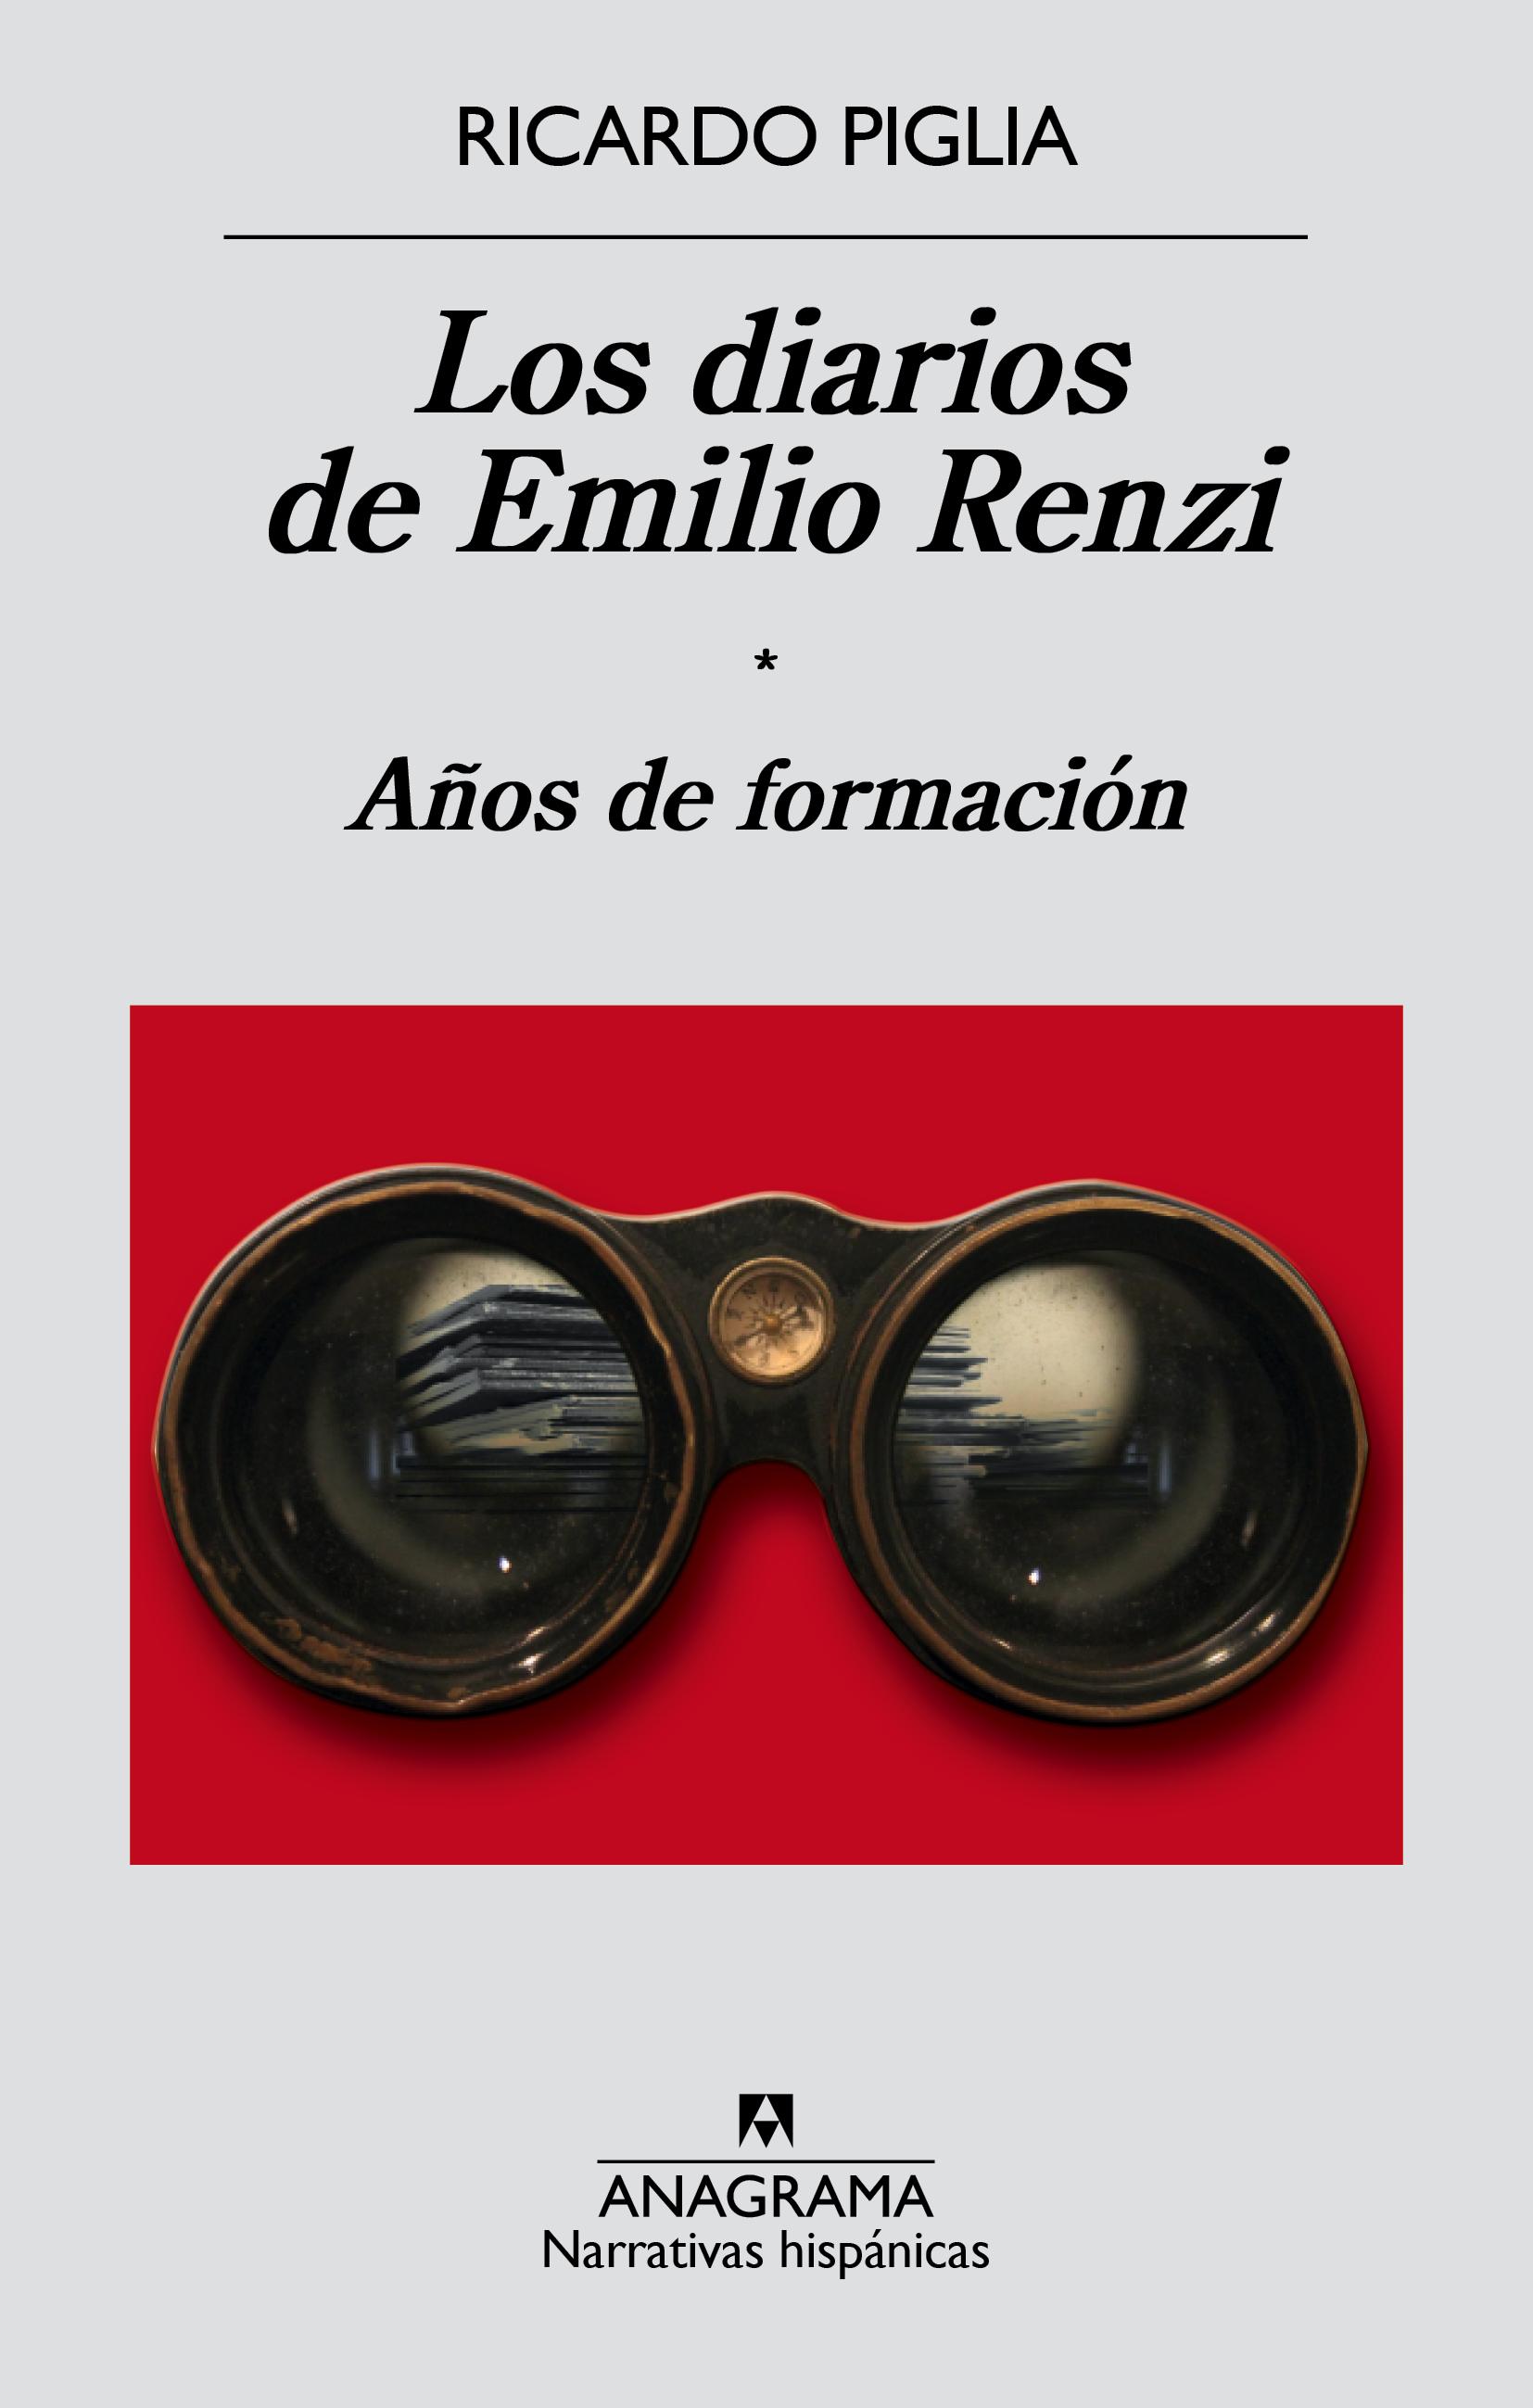 Los diarios de Emilio Renzi - Ricardo Piglia